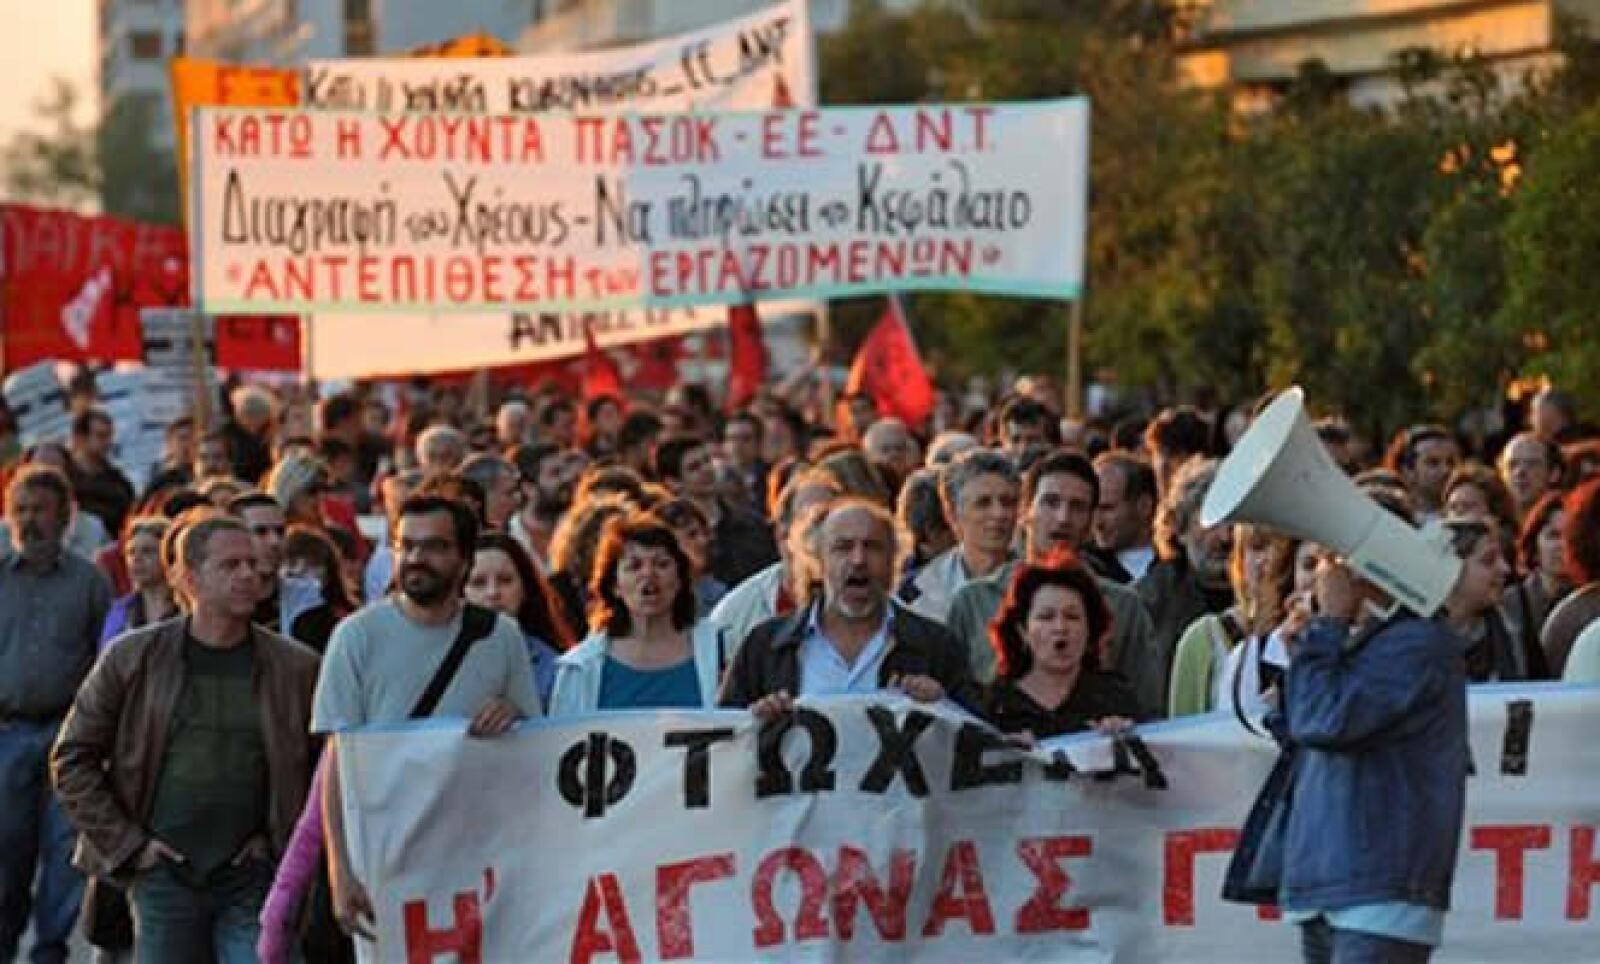 Se aumentarán los impuestos al IVA, tabaco y alcohol; y recortará los salarios públicos y pensiones.